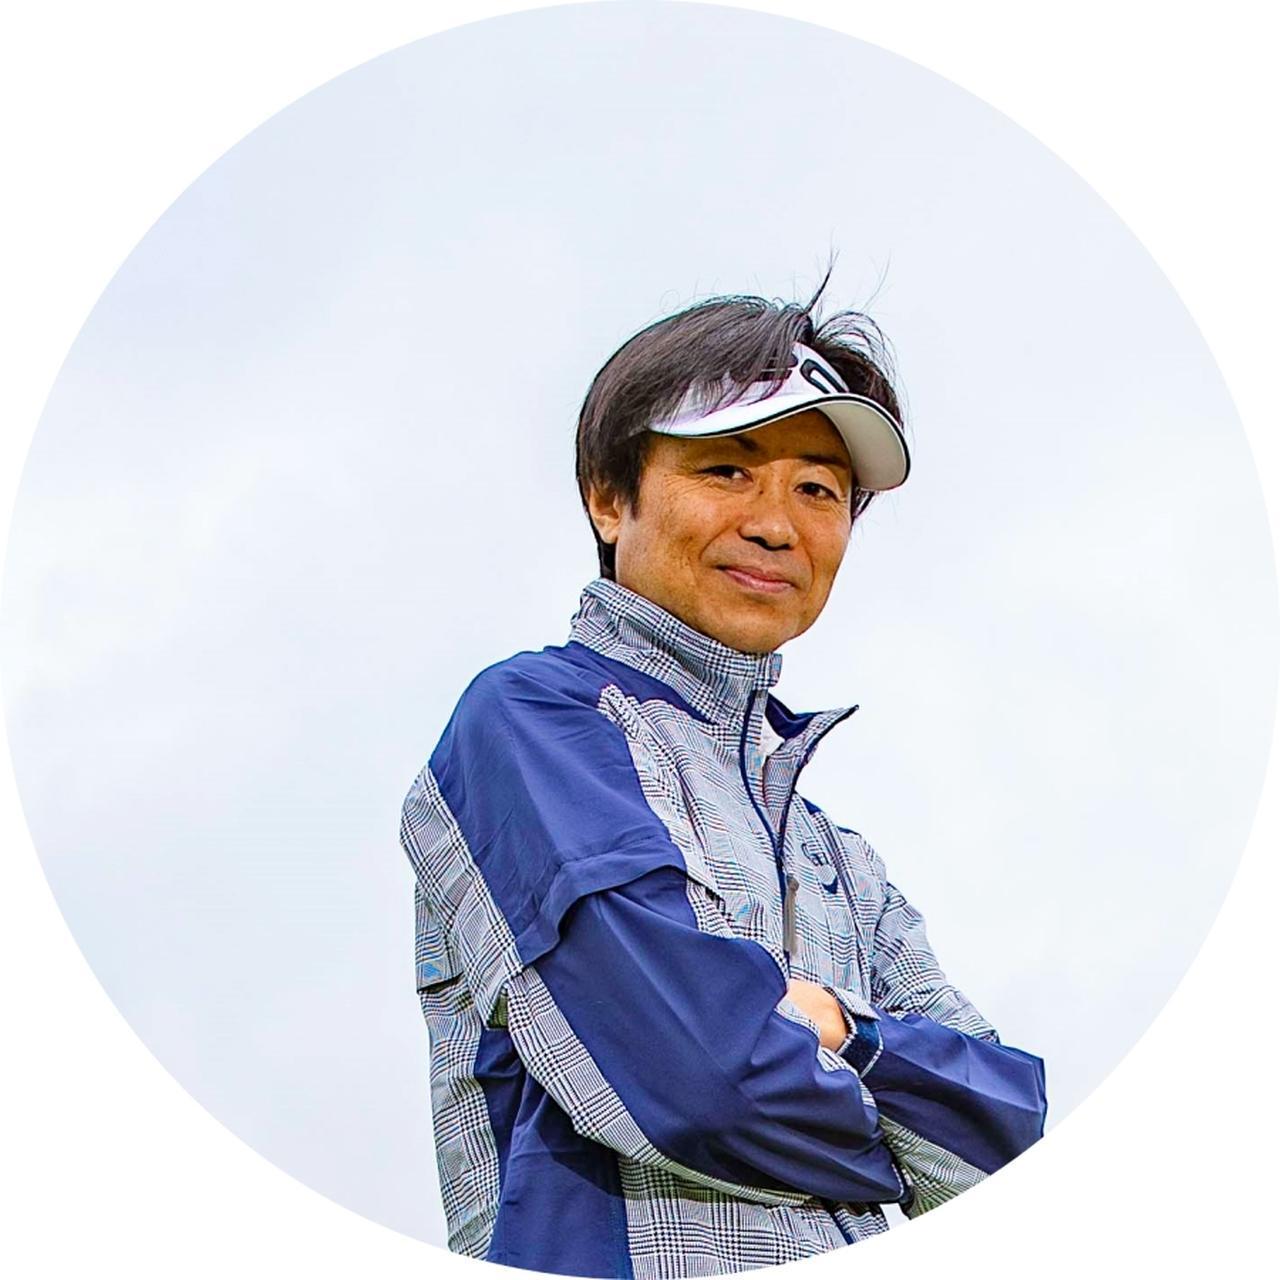 画像: 【テスター・モデル】伊丹大介プロ 多くの試打経験に基づき、ゴルフギアに精通。自称雨男のプロゴルファー